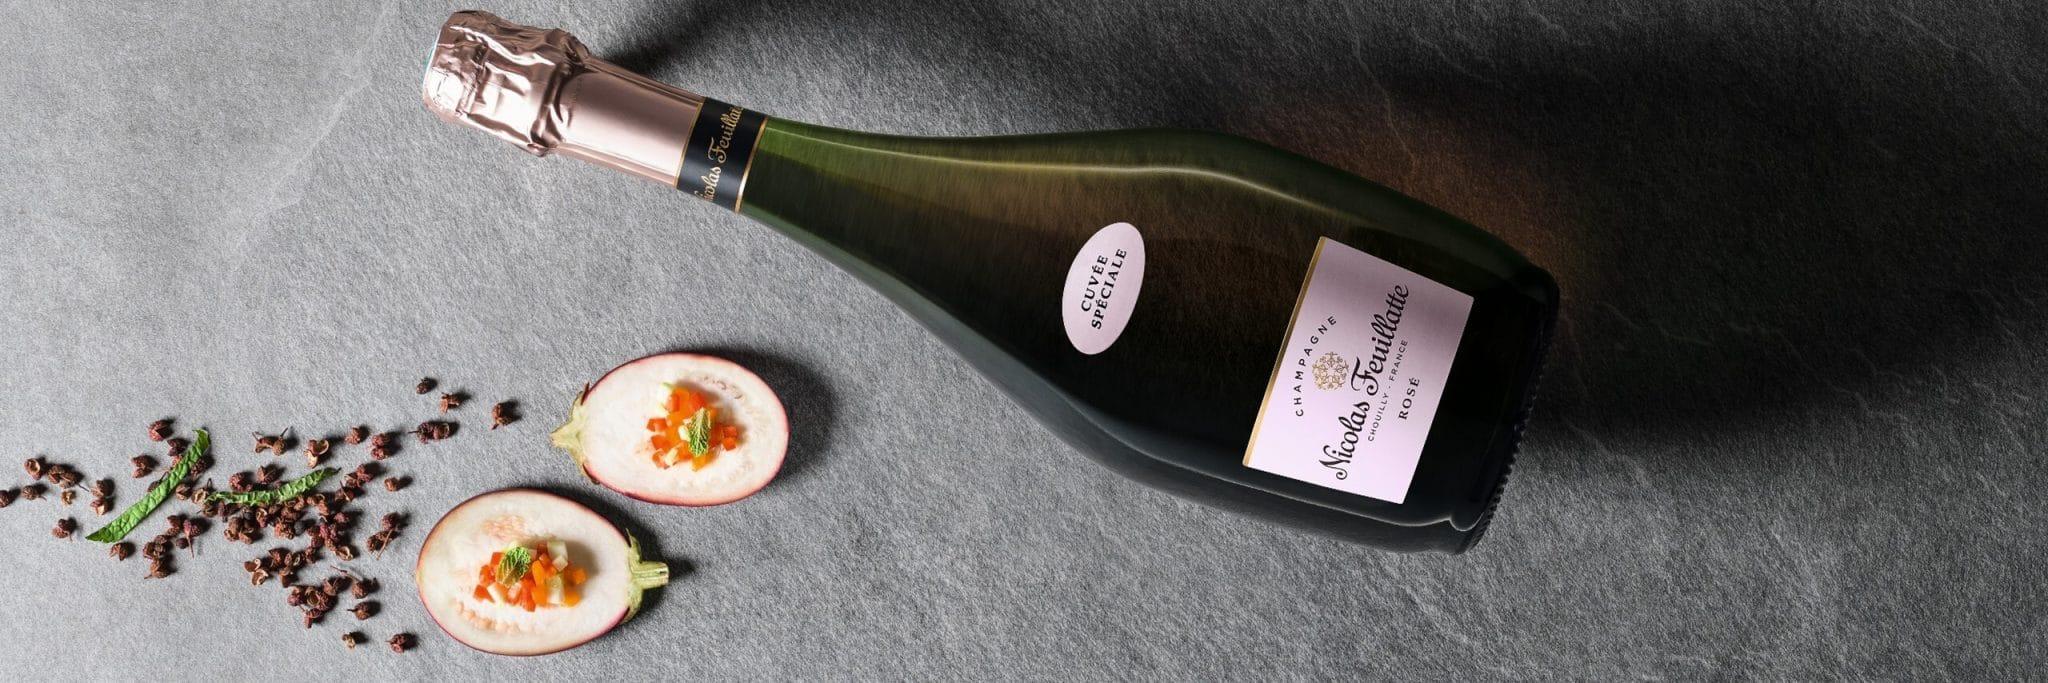 Il y a une bouteille de la marque de champagne Nicolas Feuillatte avec des légumes. Photo de présentation de la page du Kit activation champagne Nicolas Feuillatte et le Cirque du soleil. Support réalisé par l'agence de communication 360 Siouxe, à Paris.